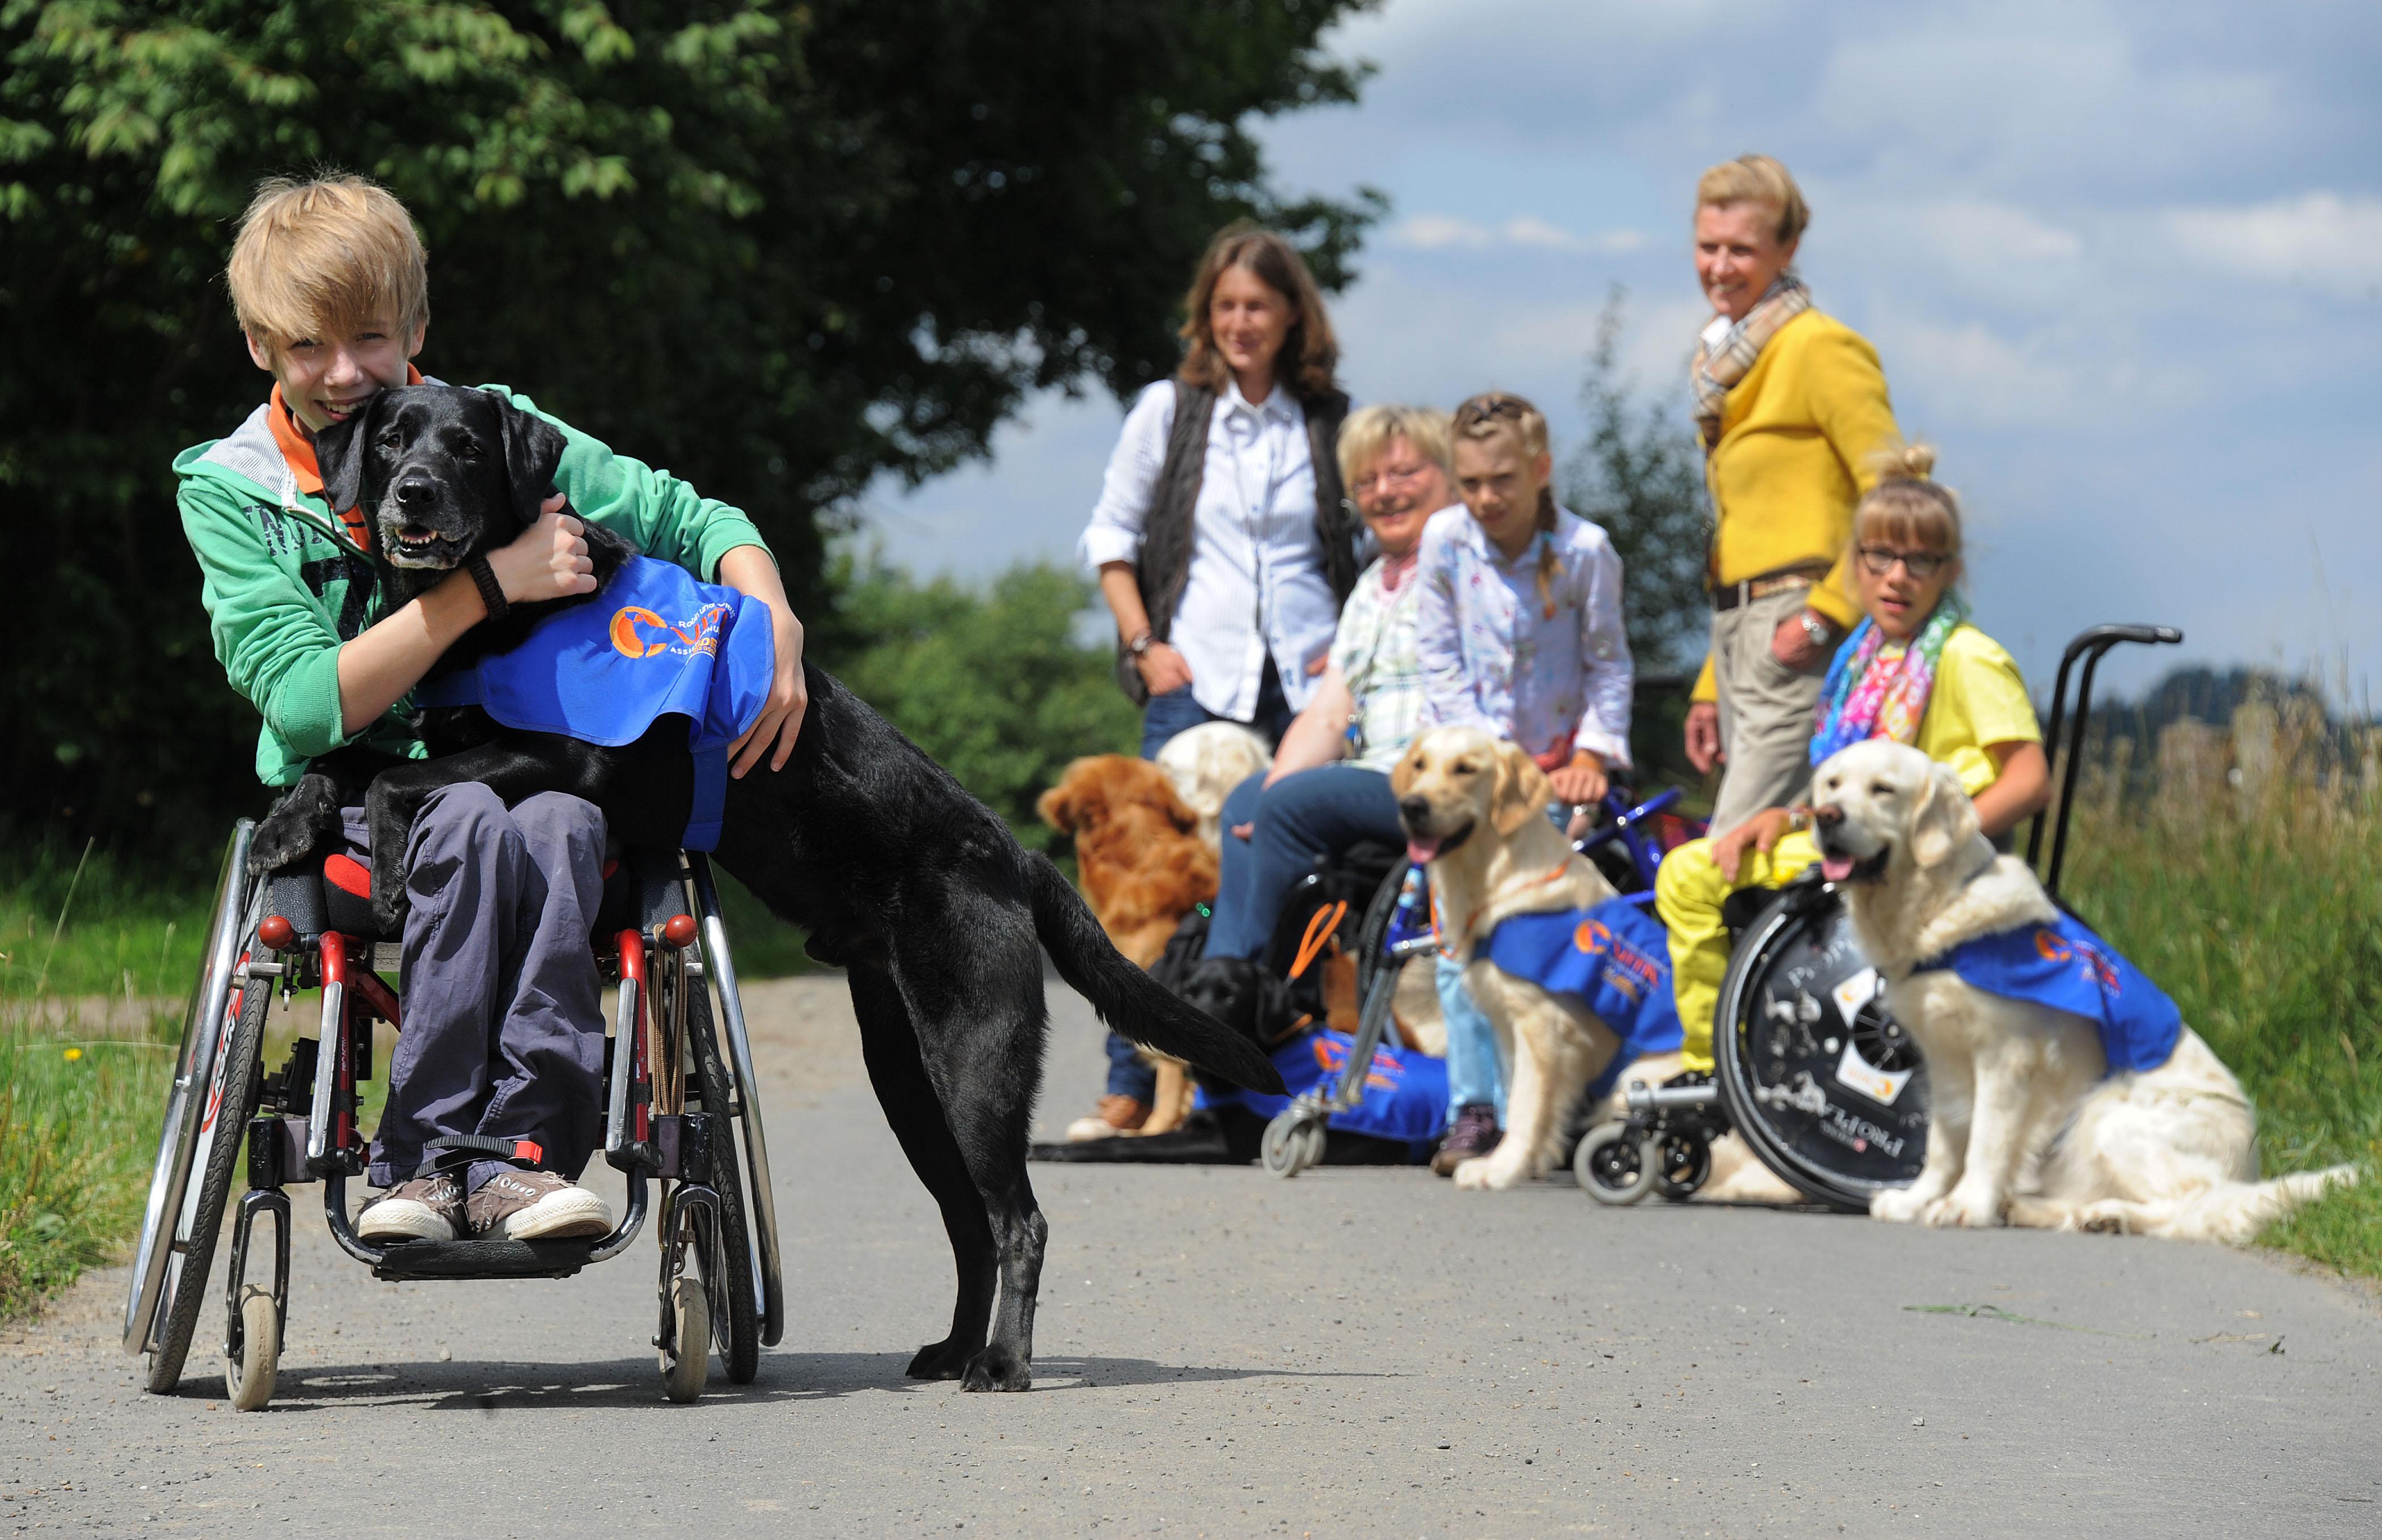 Junge im Rollstuhl mit seinem Assistenzhund von VITA